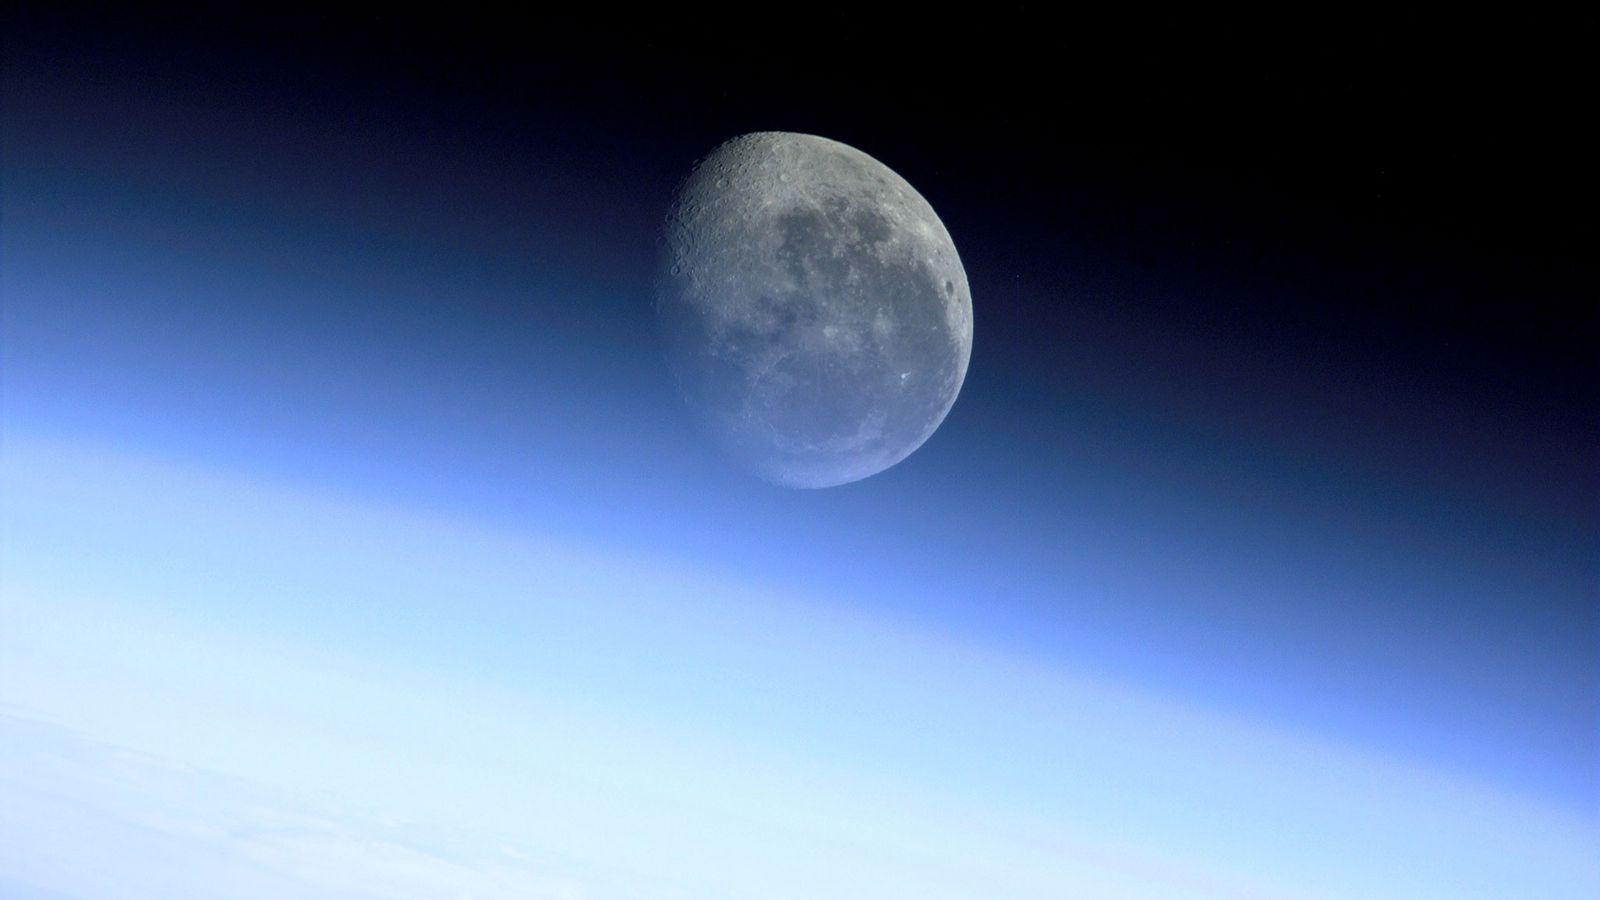 La lune brille à travers l'atmosphère de la Terre sur cette photo prise depuis la navette ...